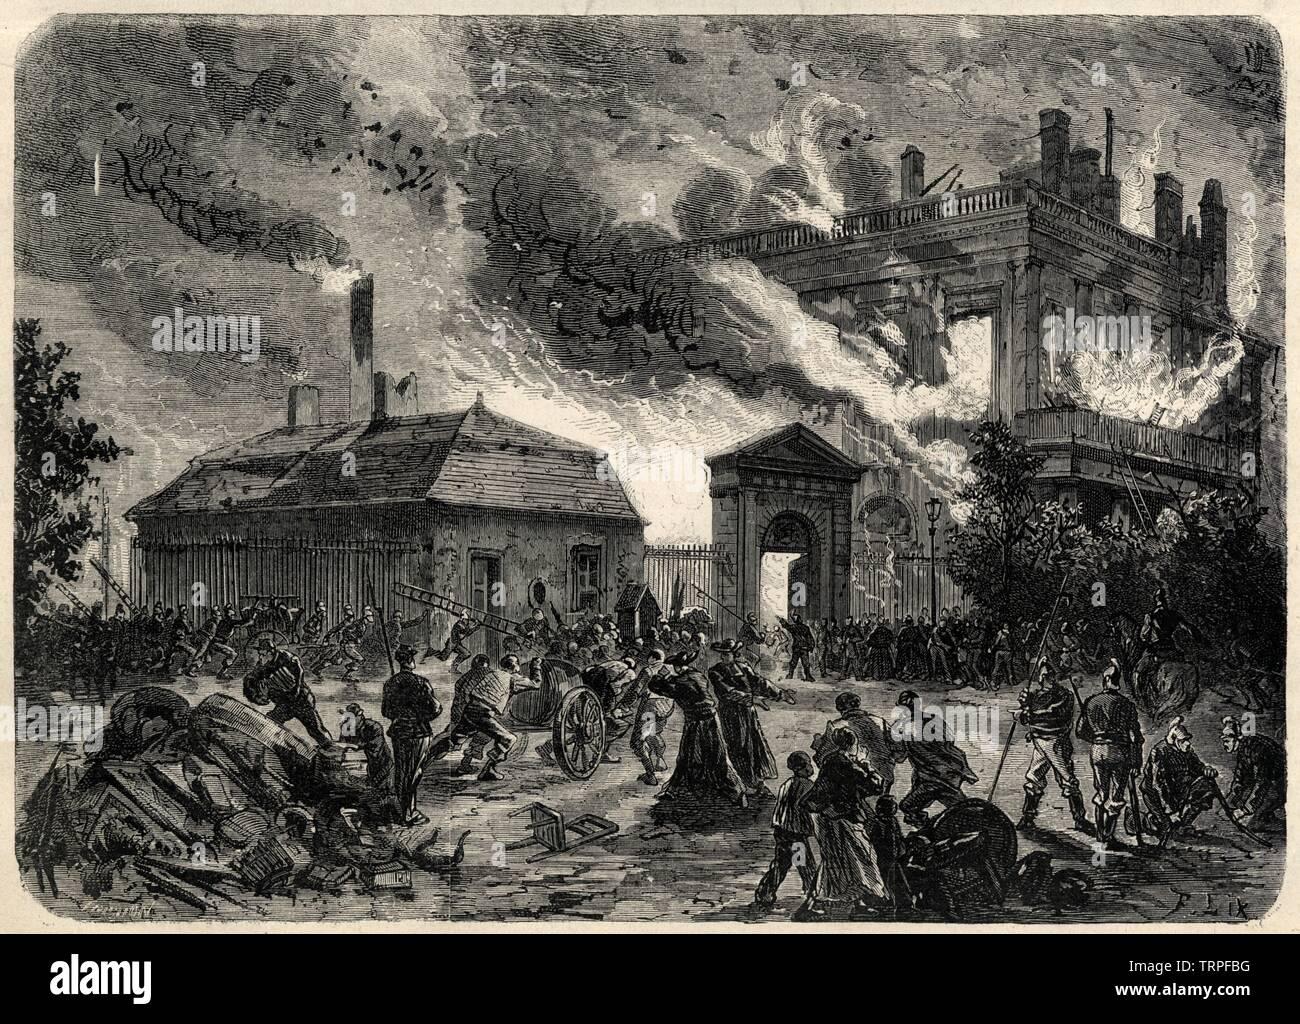 Incendie De L Archeveche De Bourges D Apres Un Croquis De M Bourgeois 1871 Stock Photo Alamy